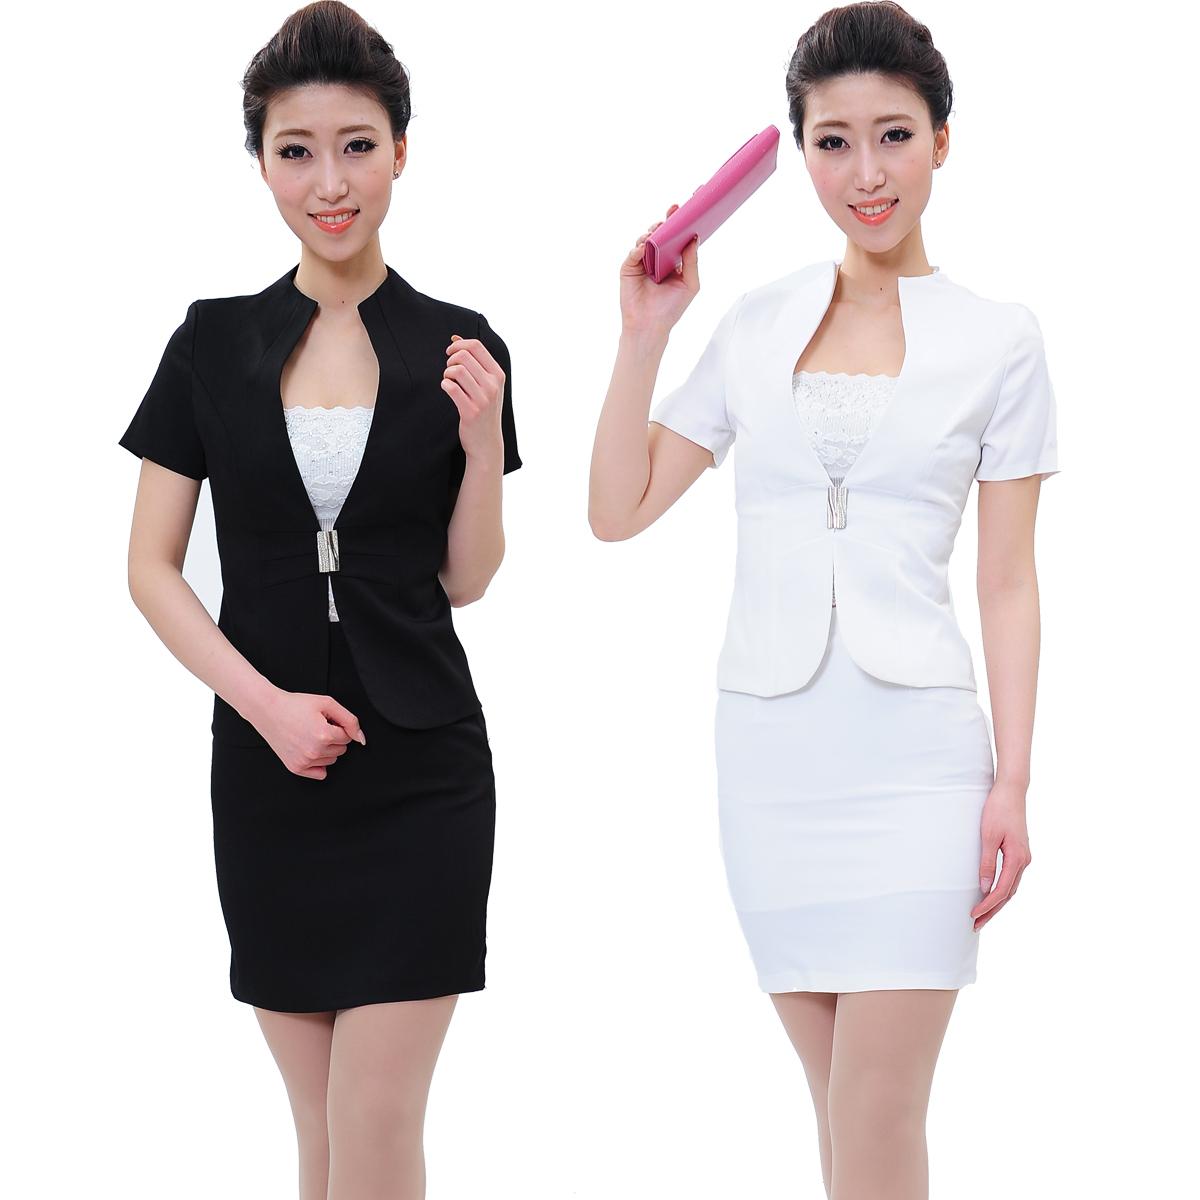 đồng phục công sở nữ theo phong cách Hàn Quốc